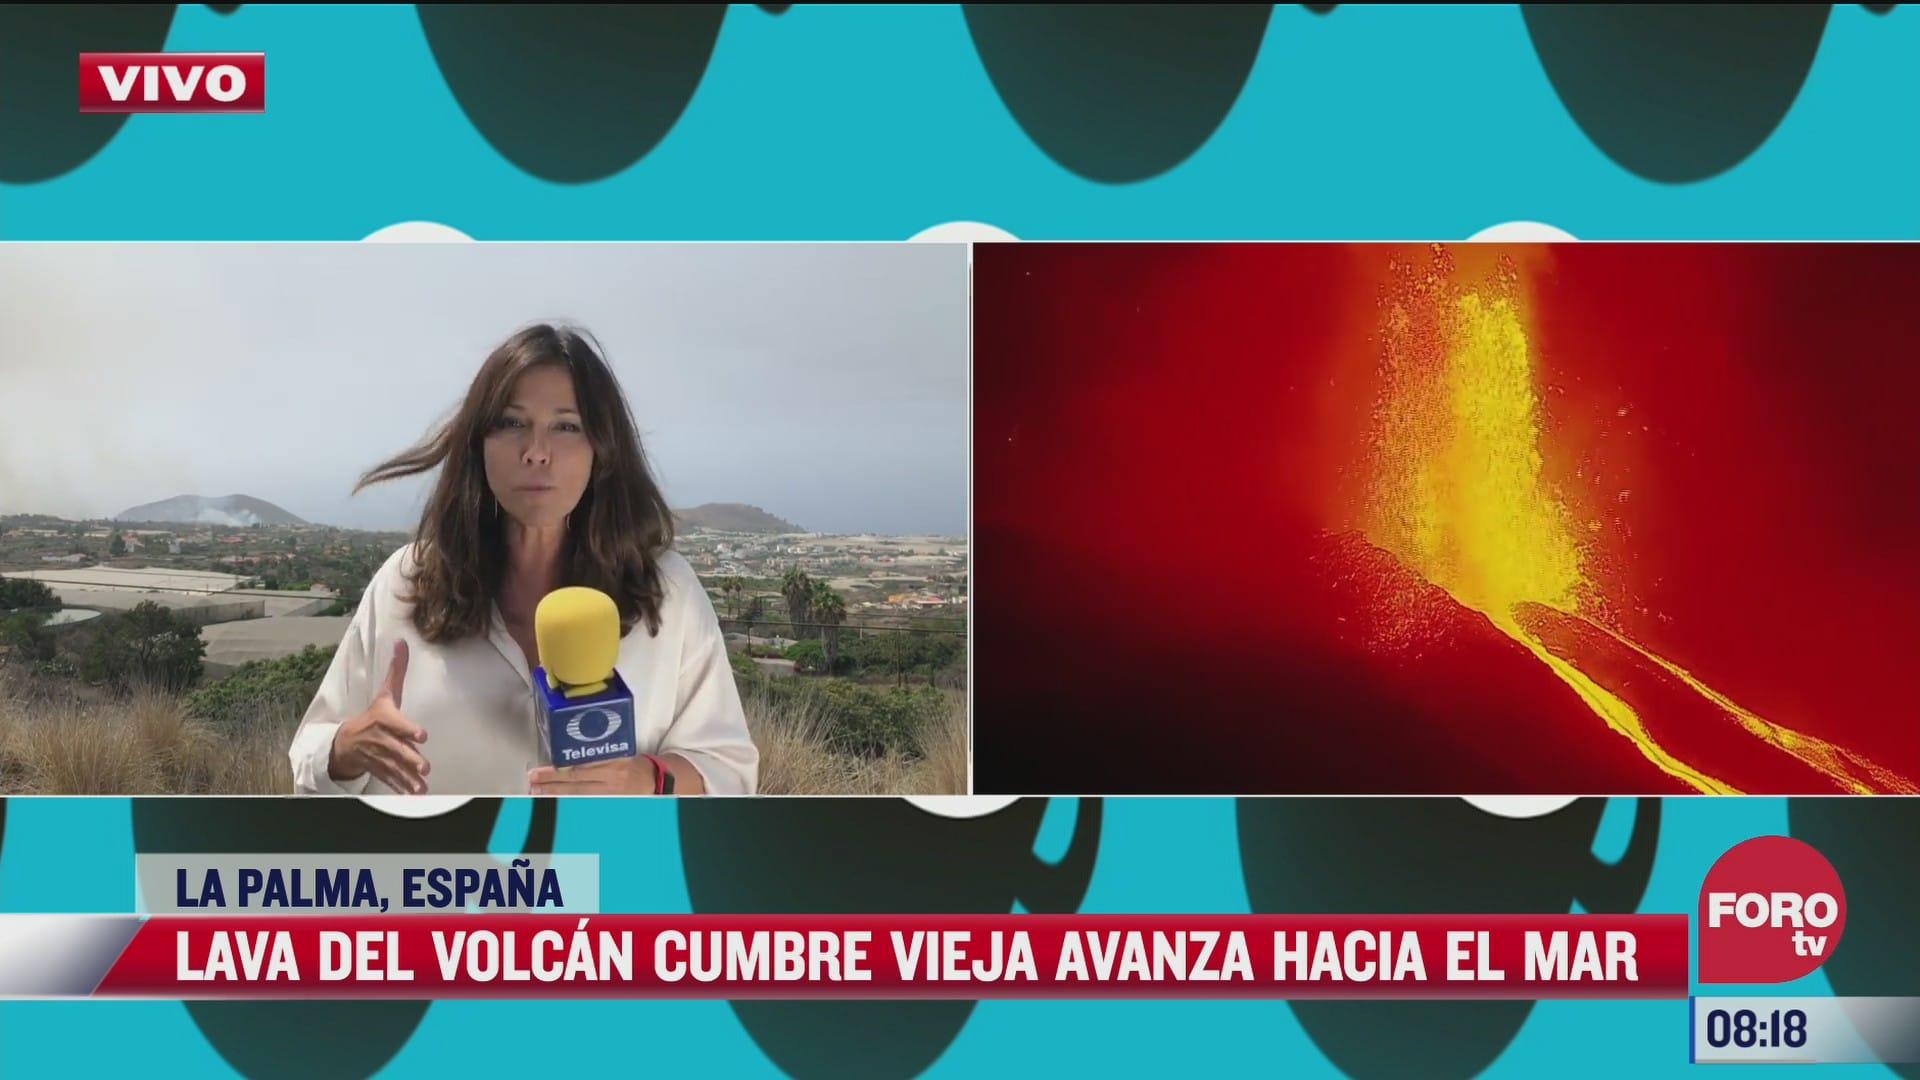 cumbre del volcan cumbre vieja en espana se dirige al mar